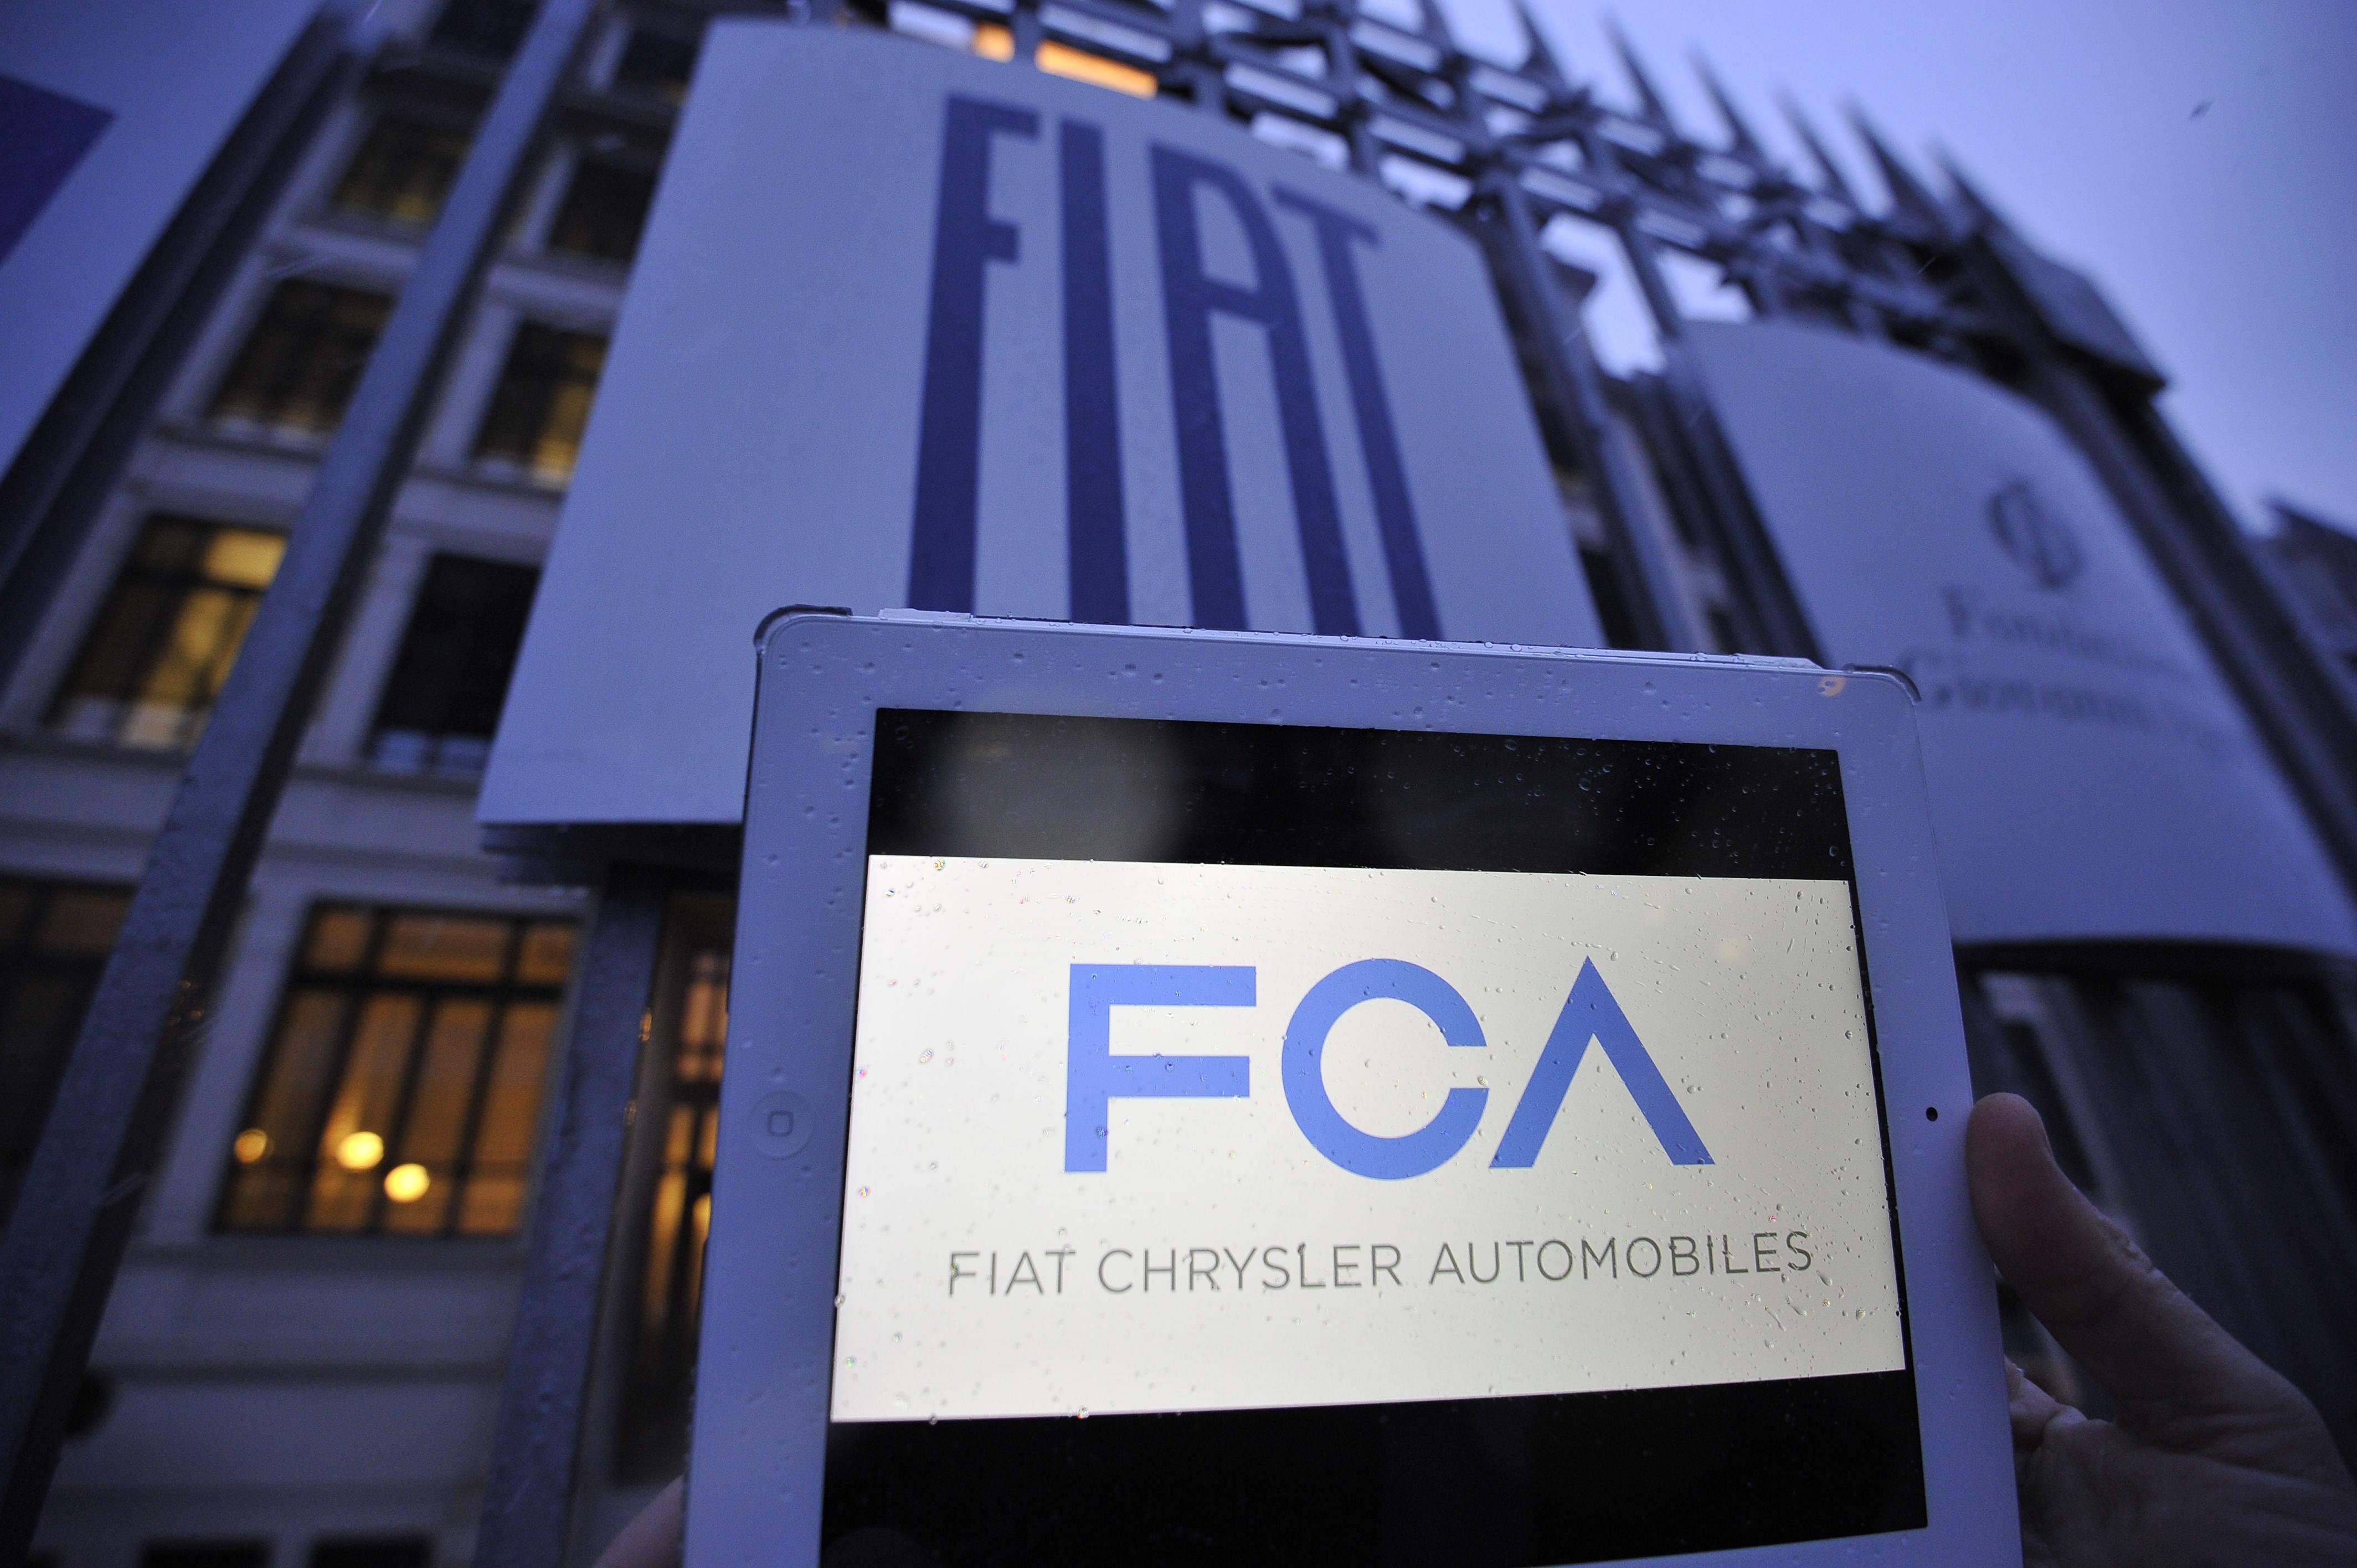 Auto Europa, ottobre in rialzo del 5,9%, Fca rallenta, pesa marchio Fiat